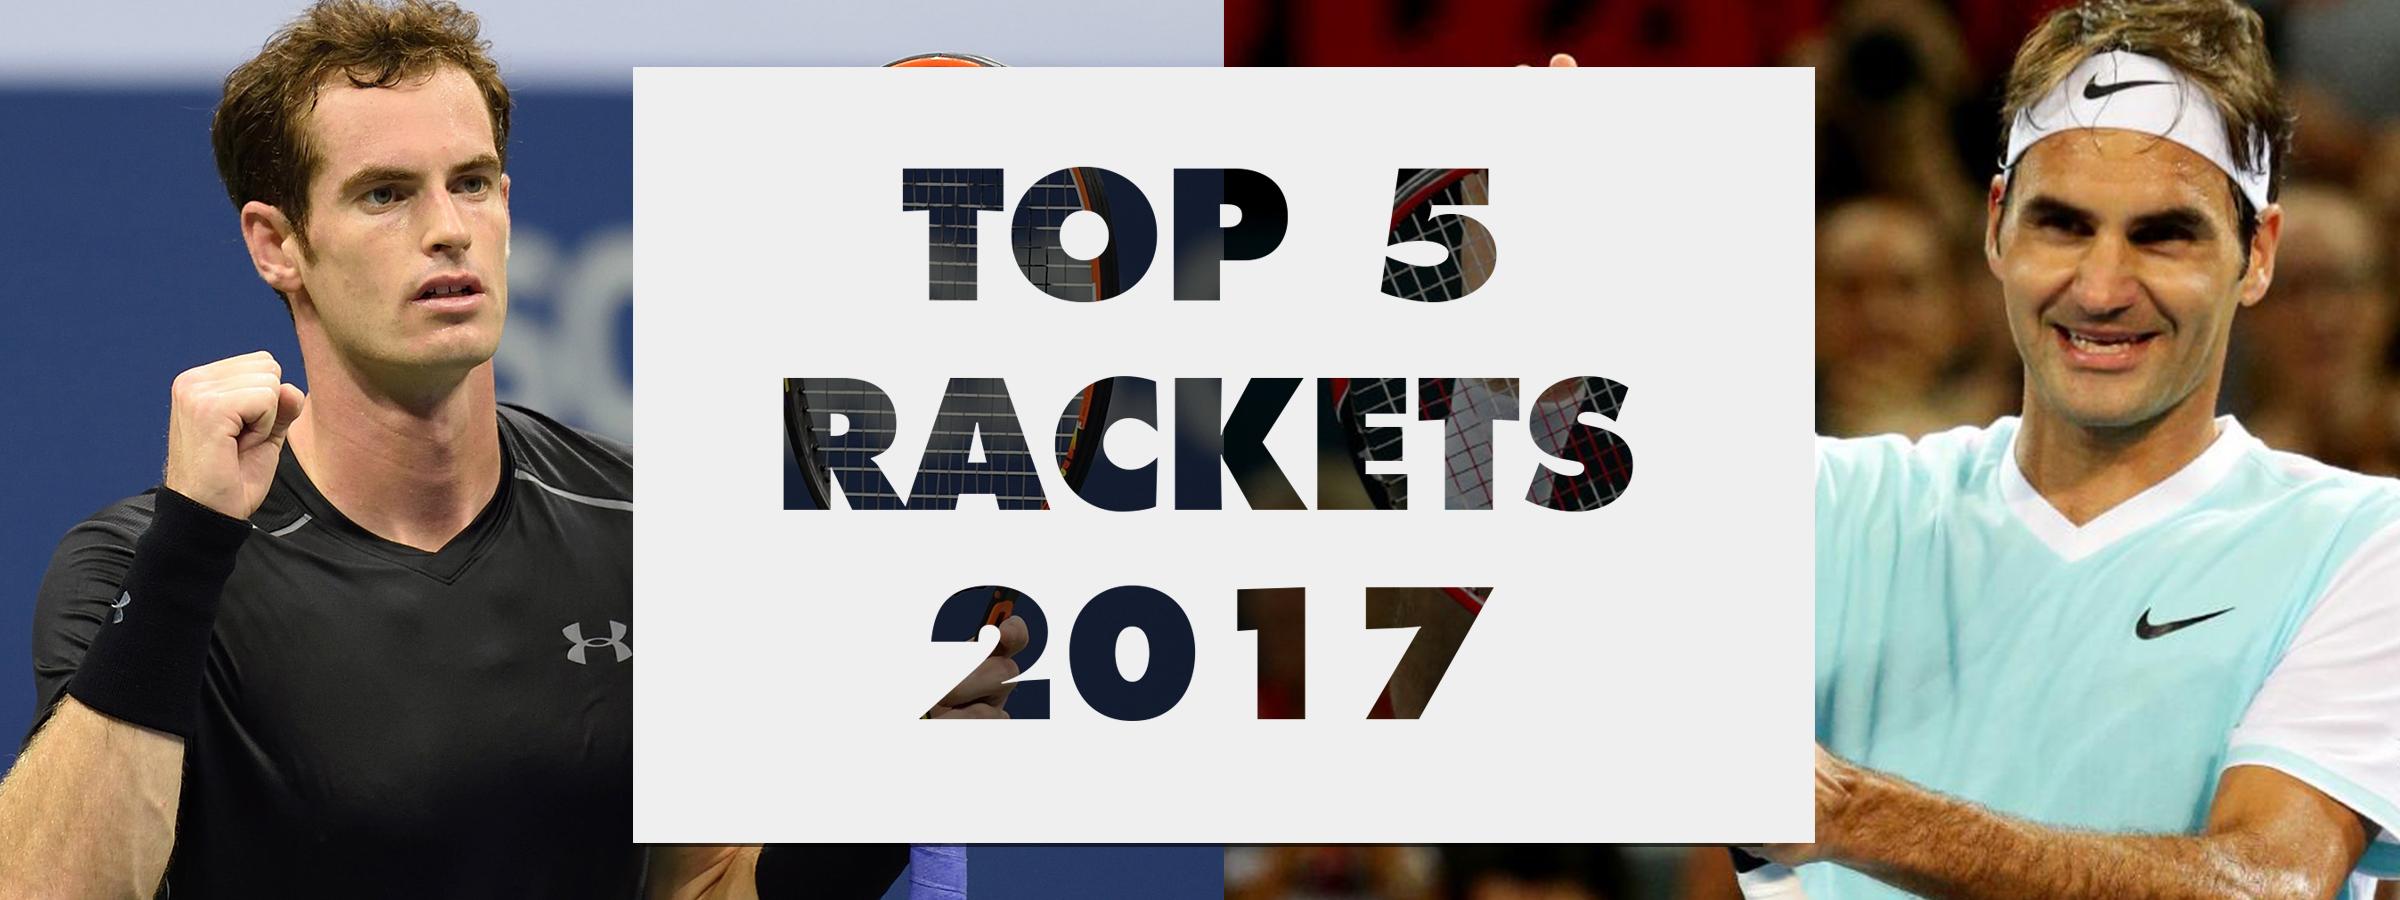 top-5-tennis-rackets-2017